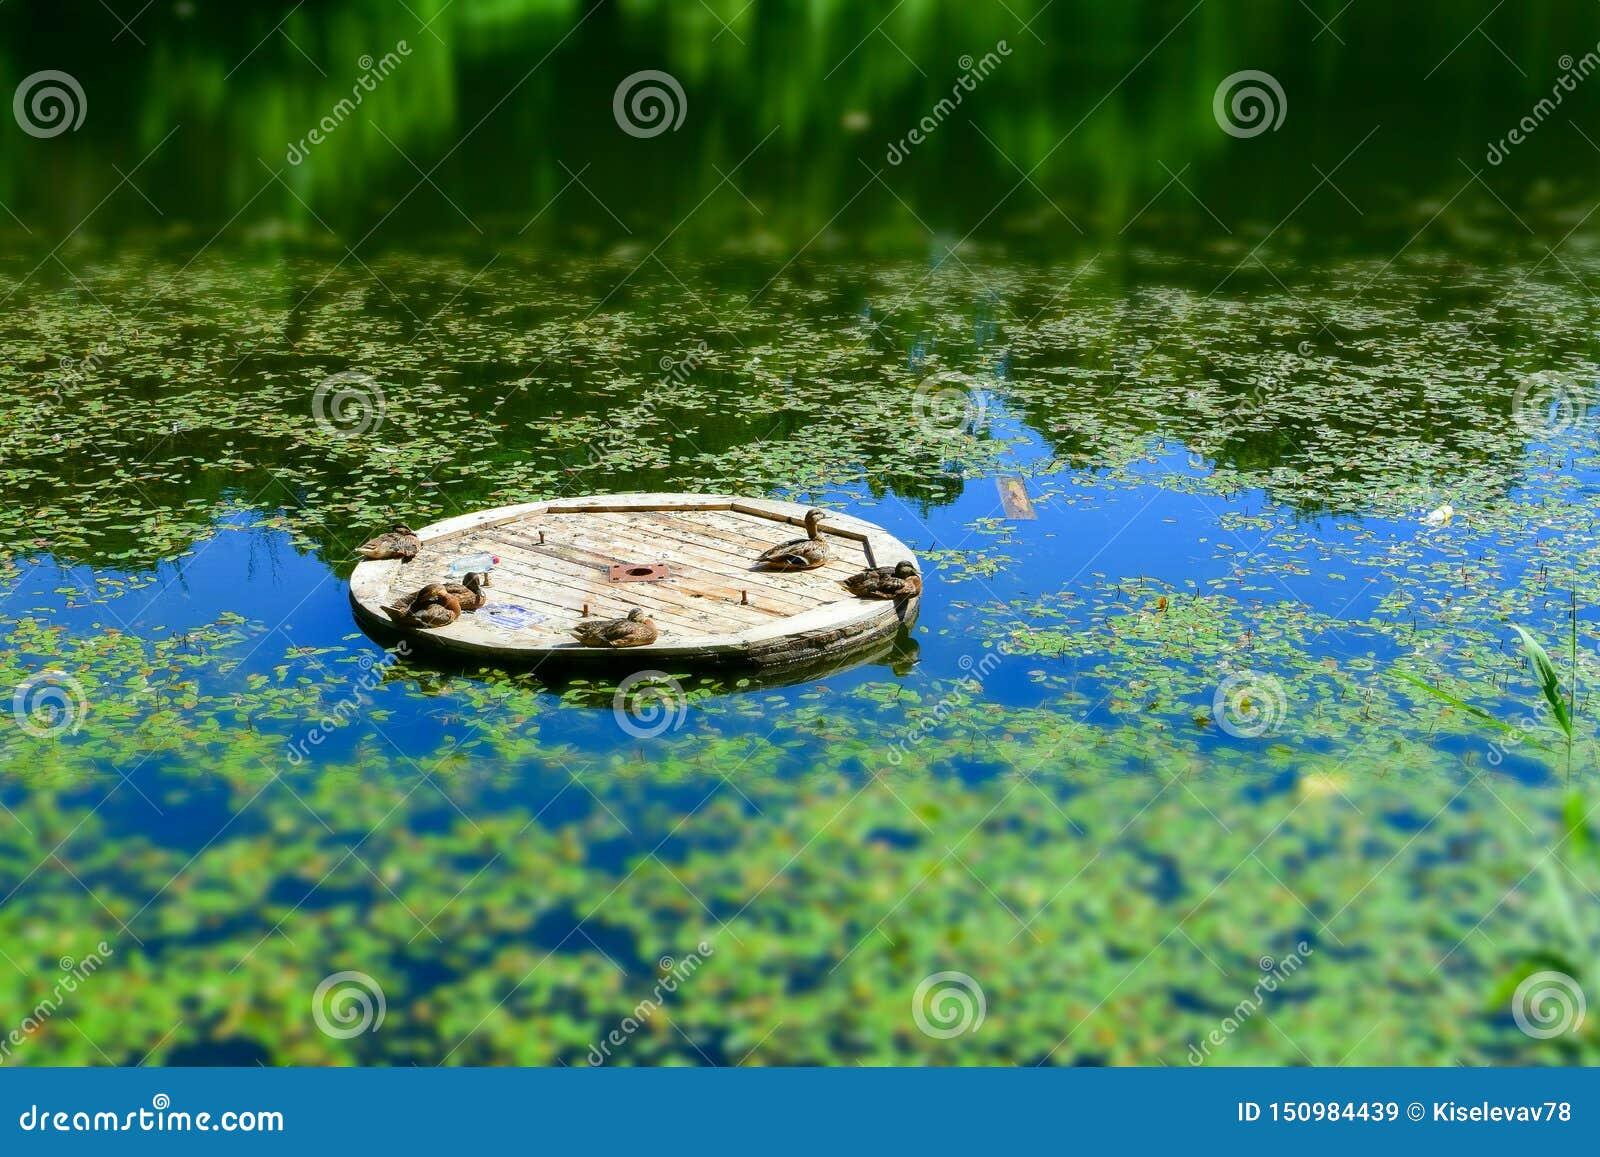 与选择聚焦的风景 鸭子在一艘木木筏取暖在阳光下在湖中间 r